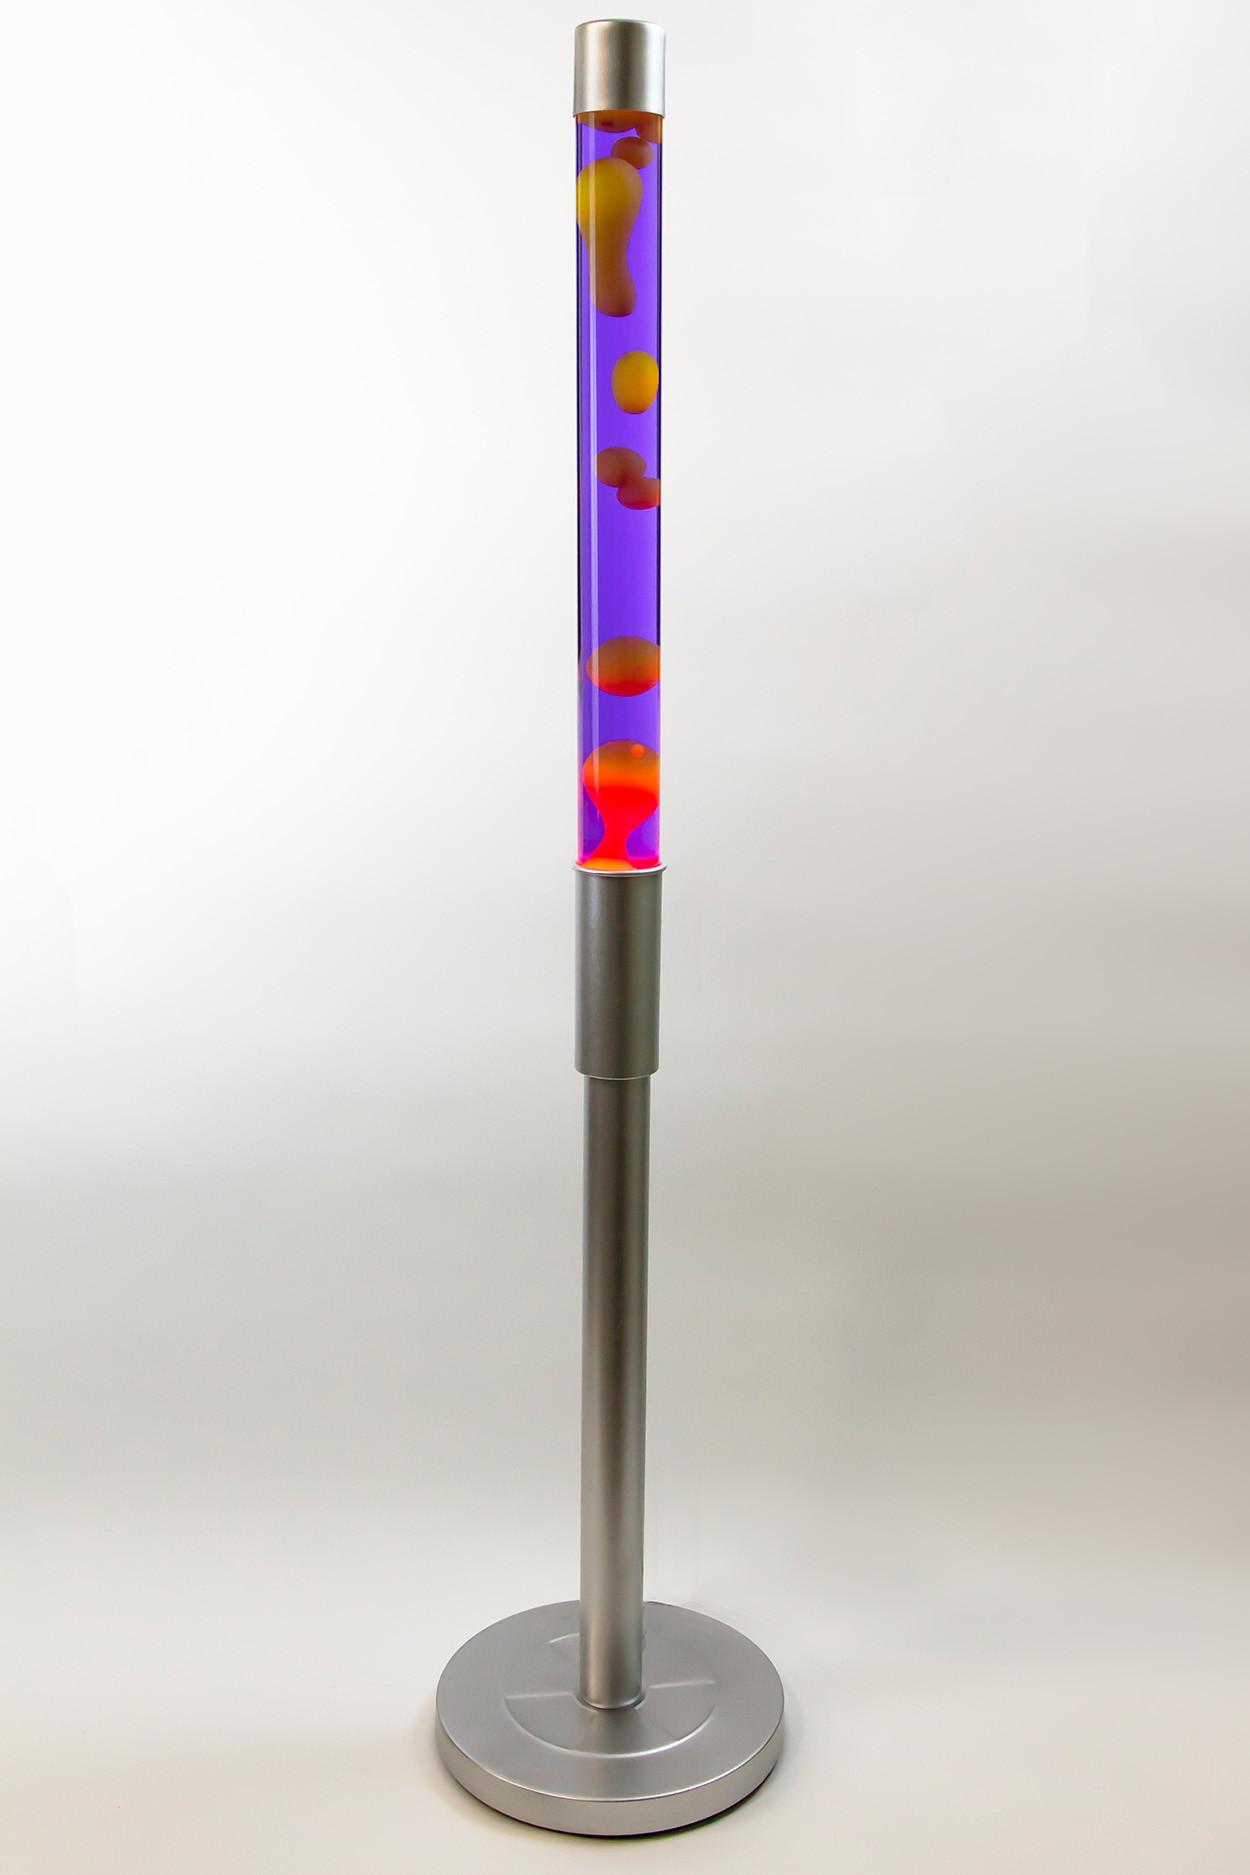 Напольная лава-лампа 129см Оранжевая/Фиолетовая (Воск)